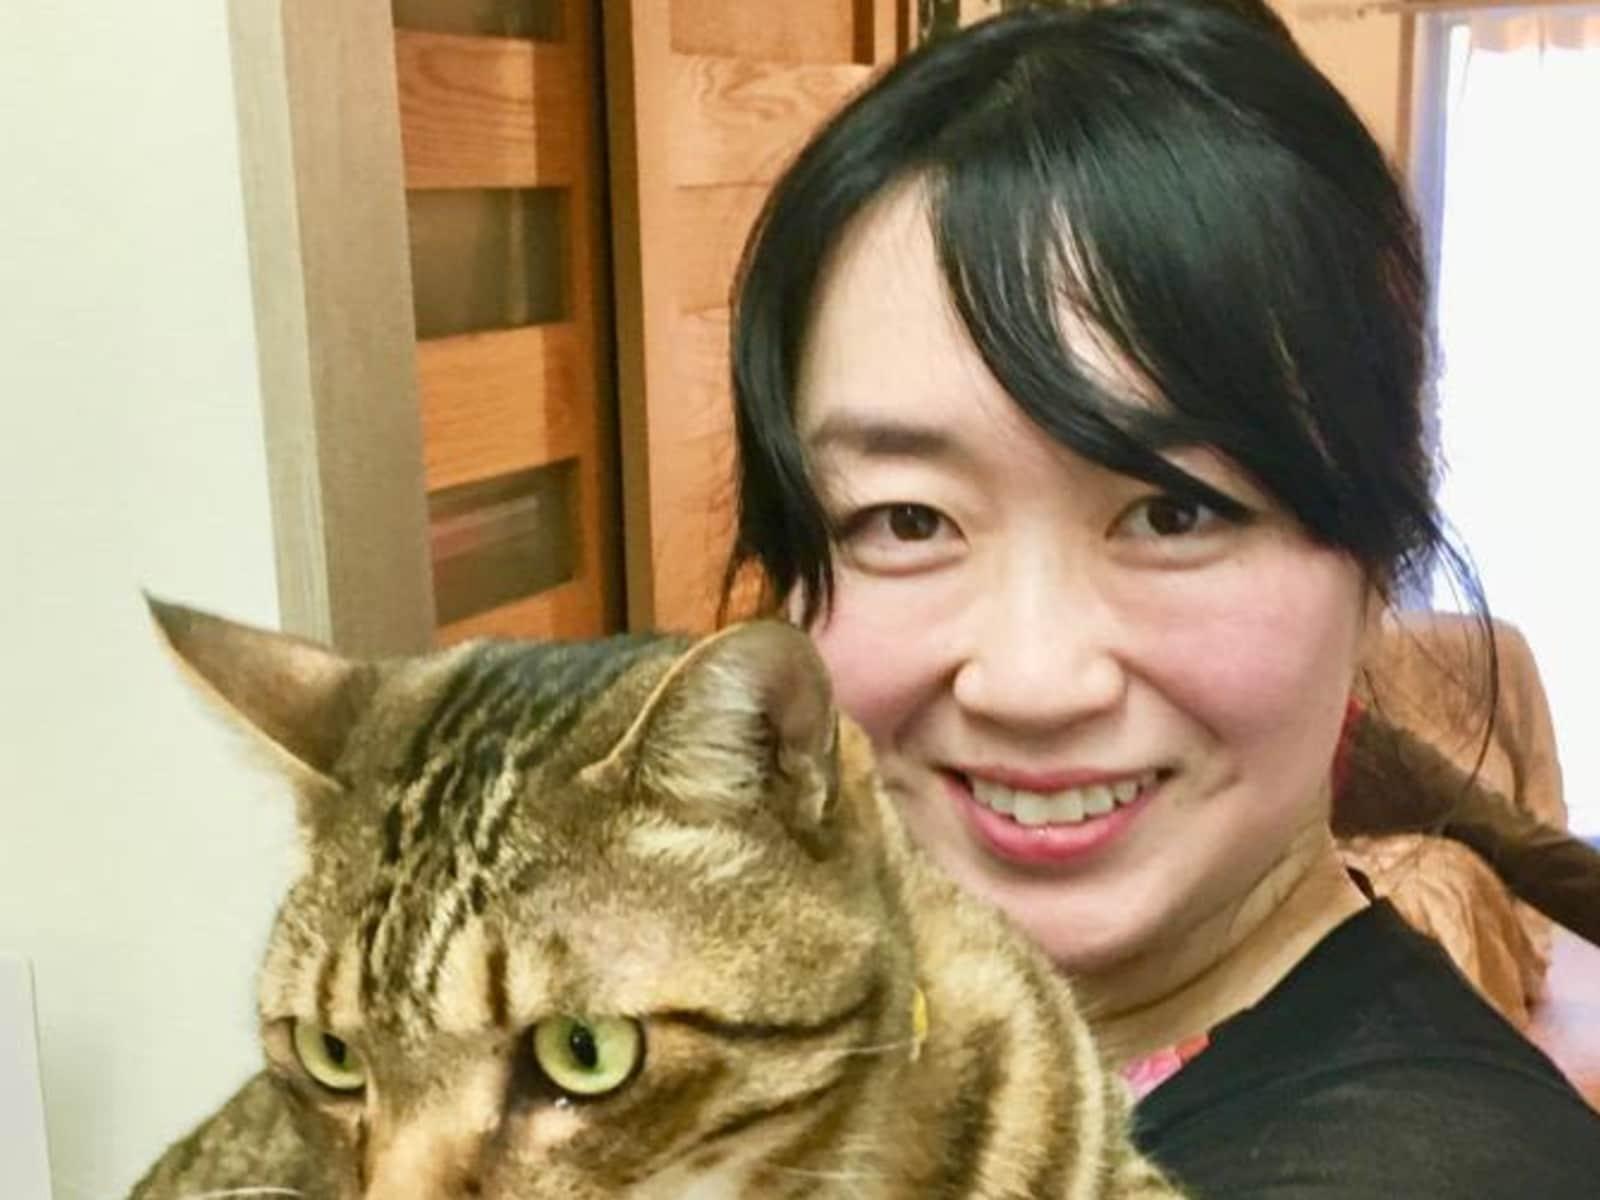 Marina from Kobe, Japan